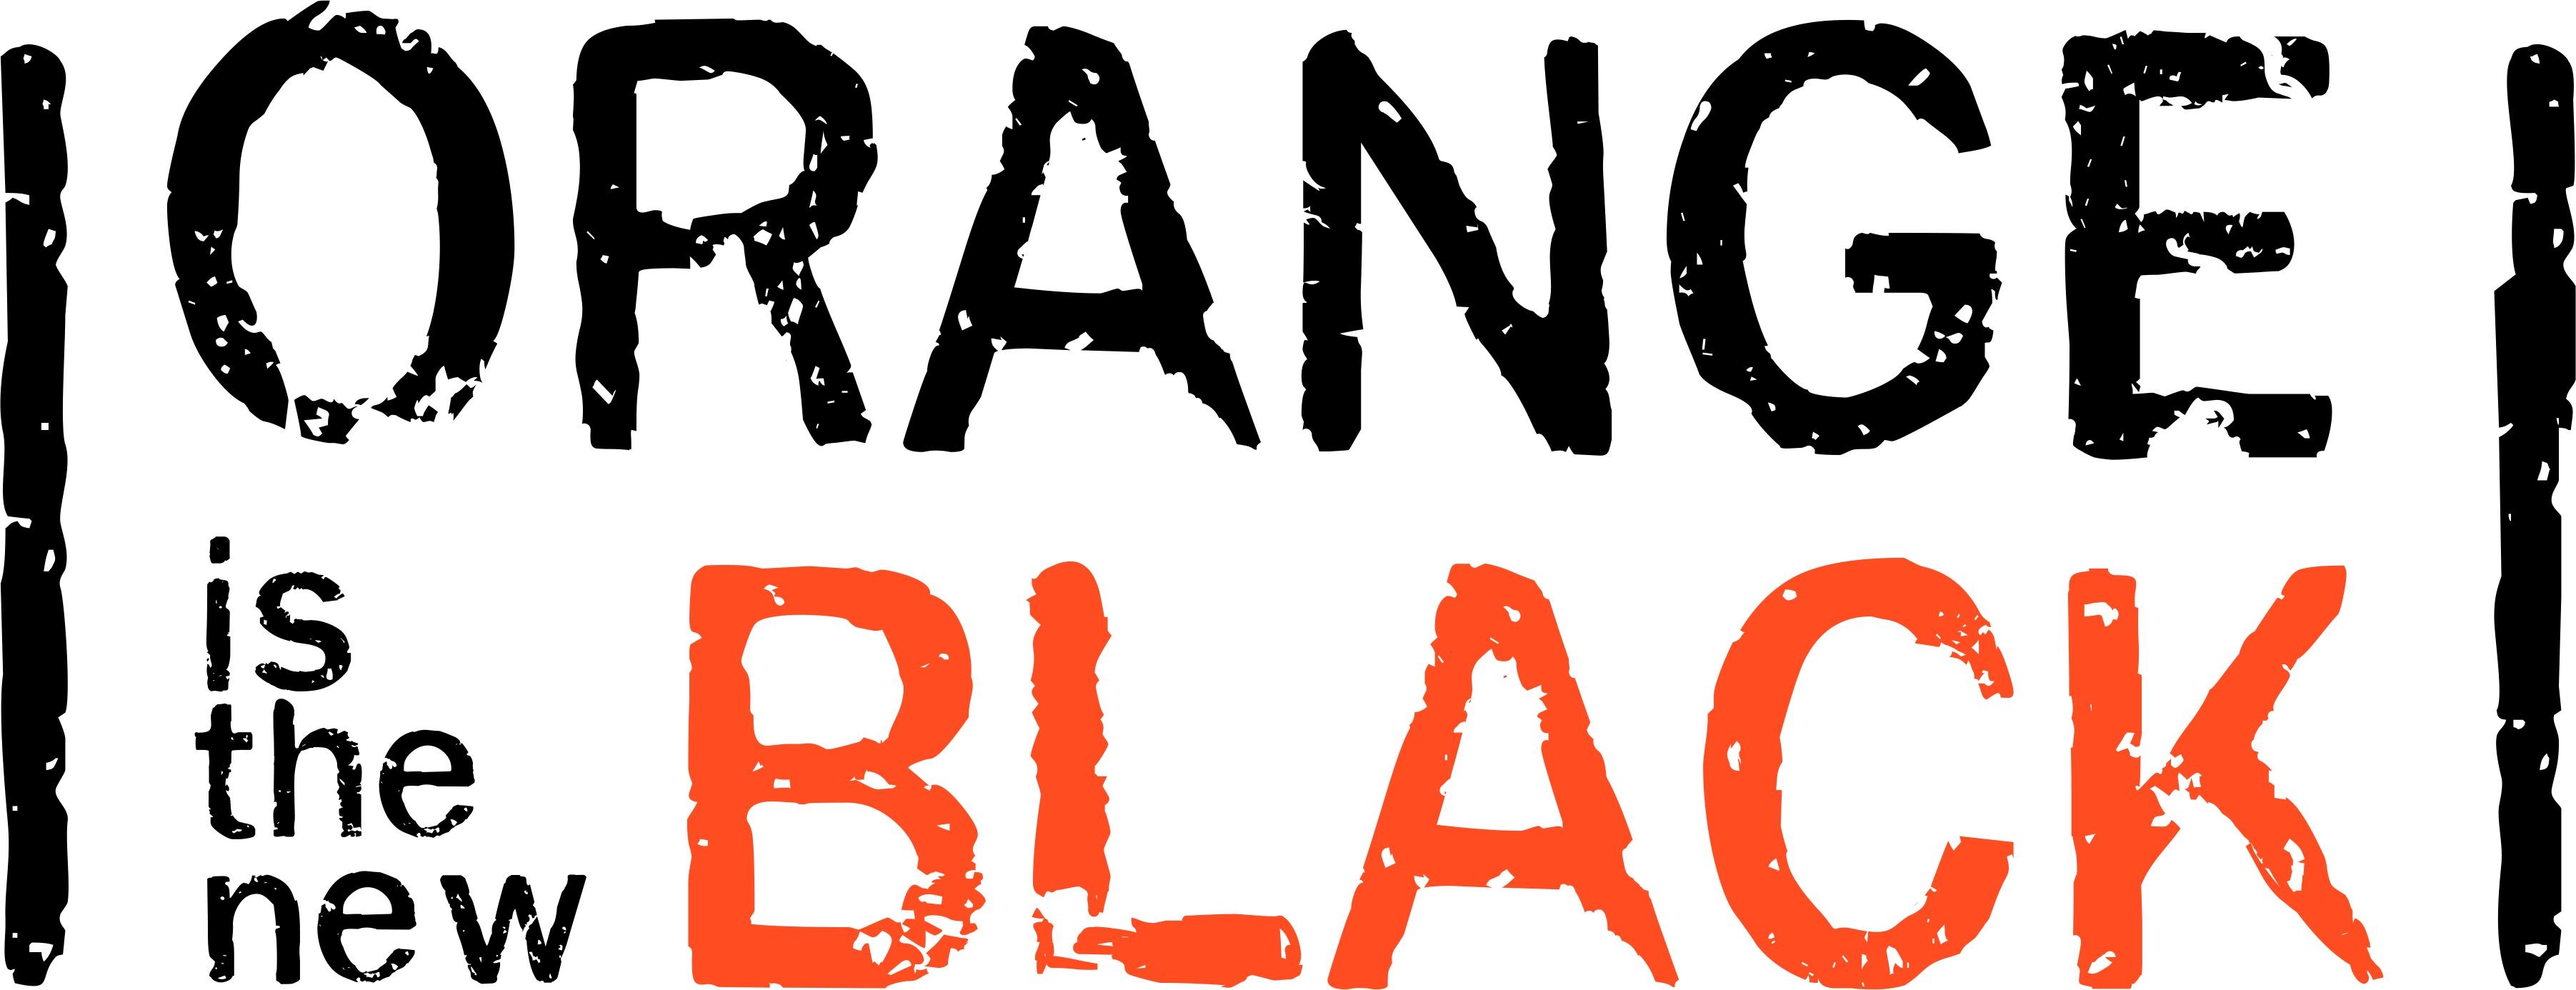 La quinta temporada de Orange Is The New Black llega a Blu-ray, DVD y Digital